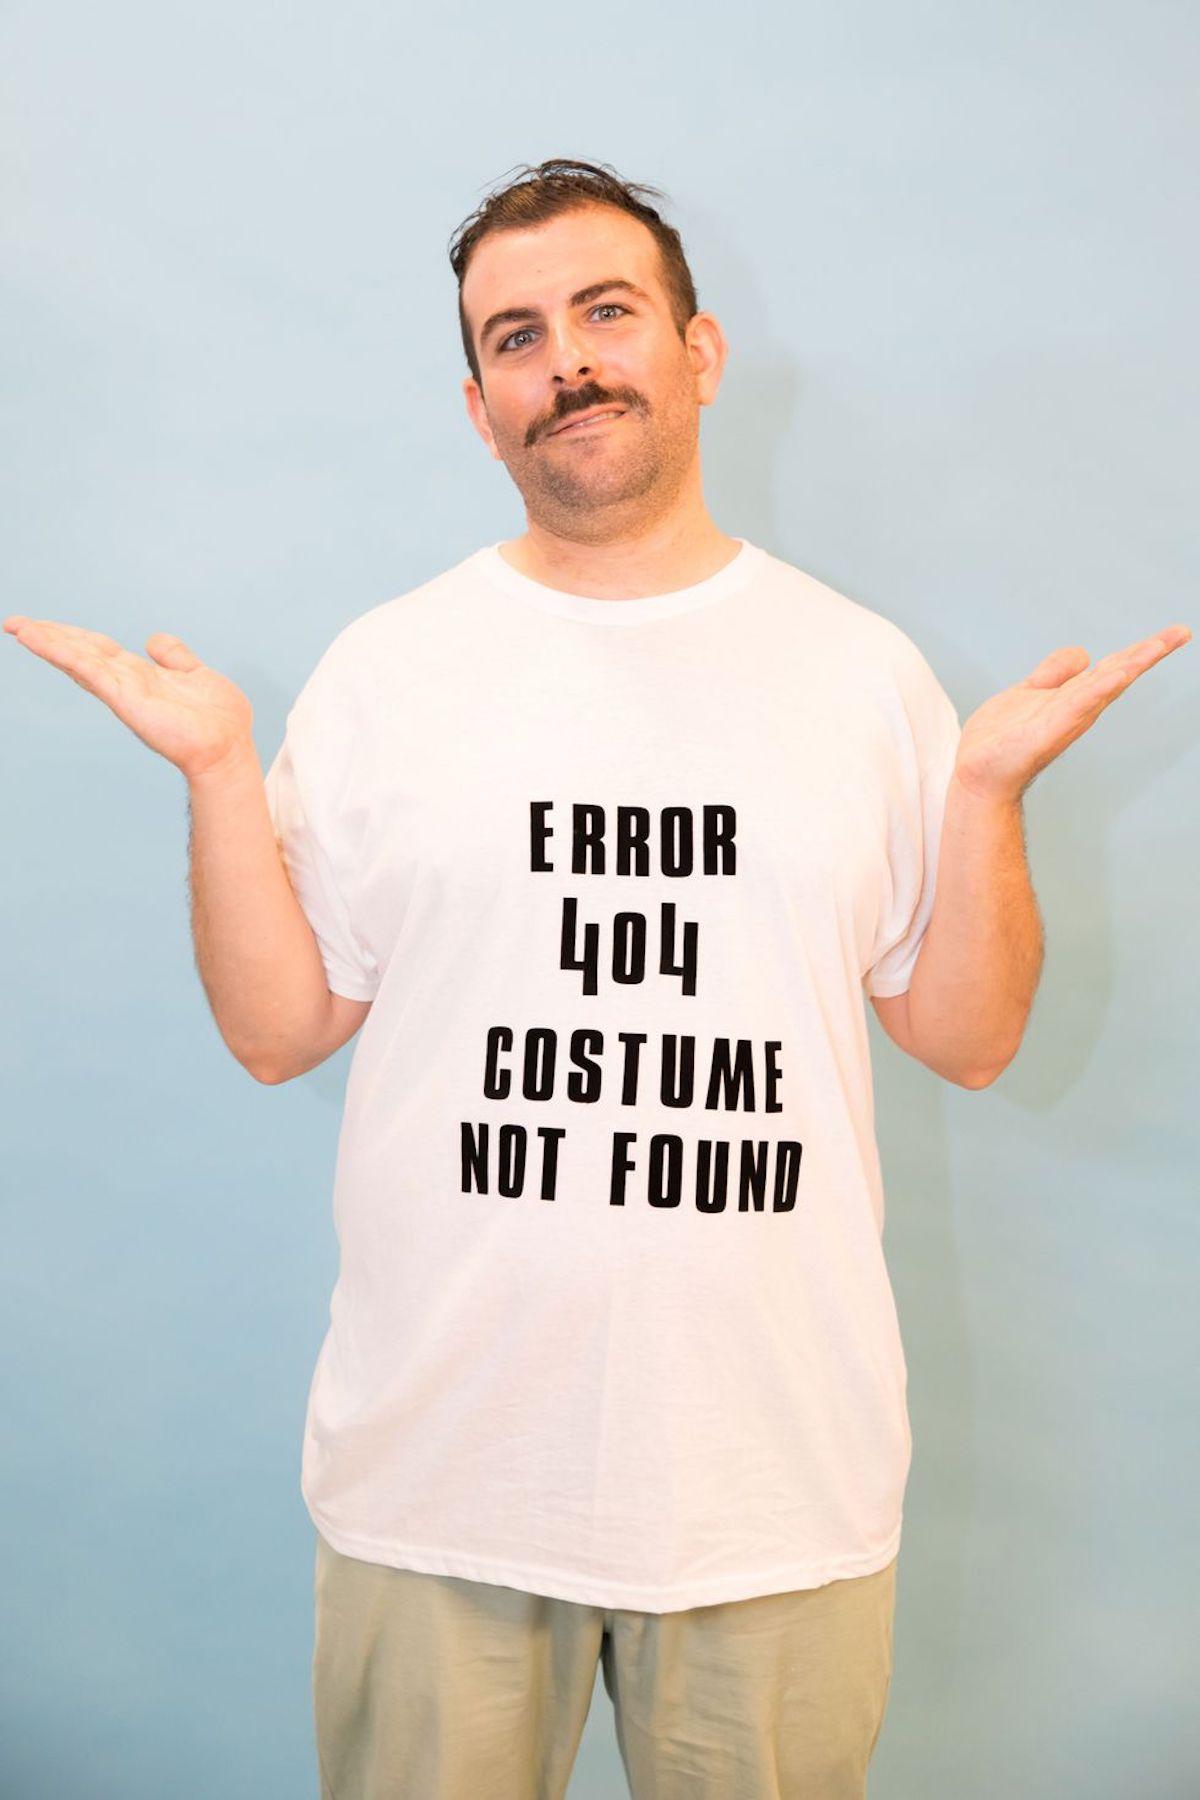 déguisement diy idée simple costume diy tee-shirt blanc erreur 404